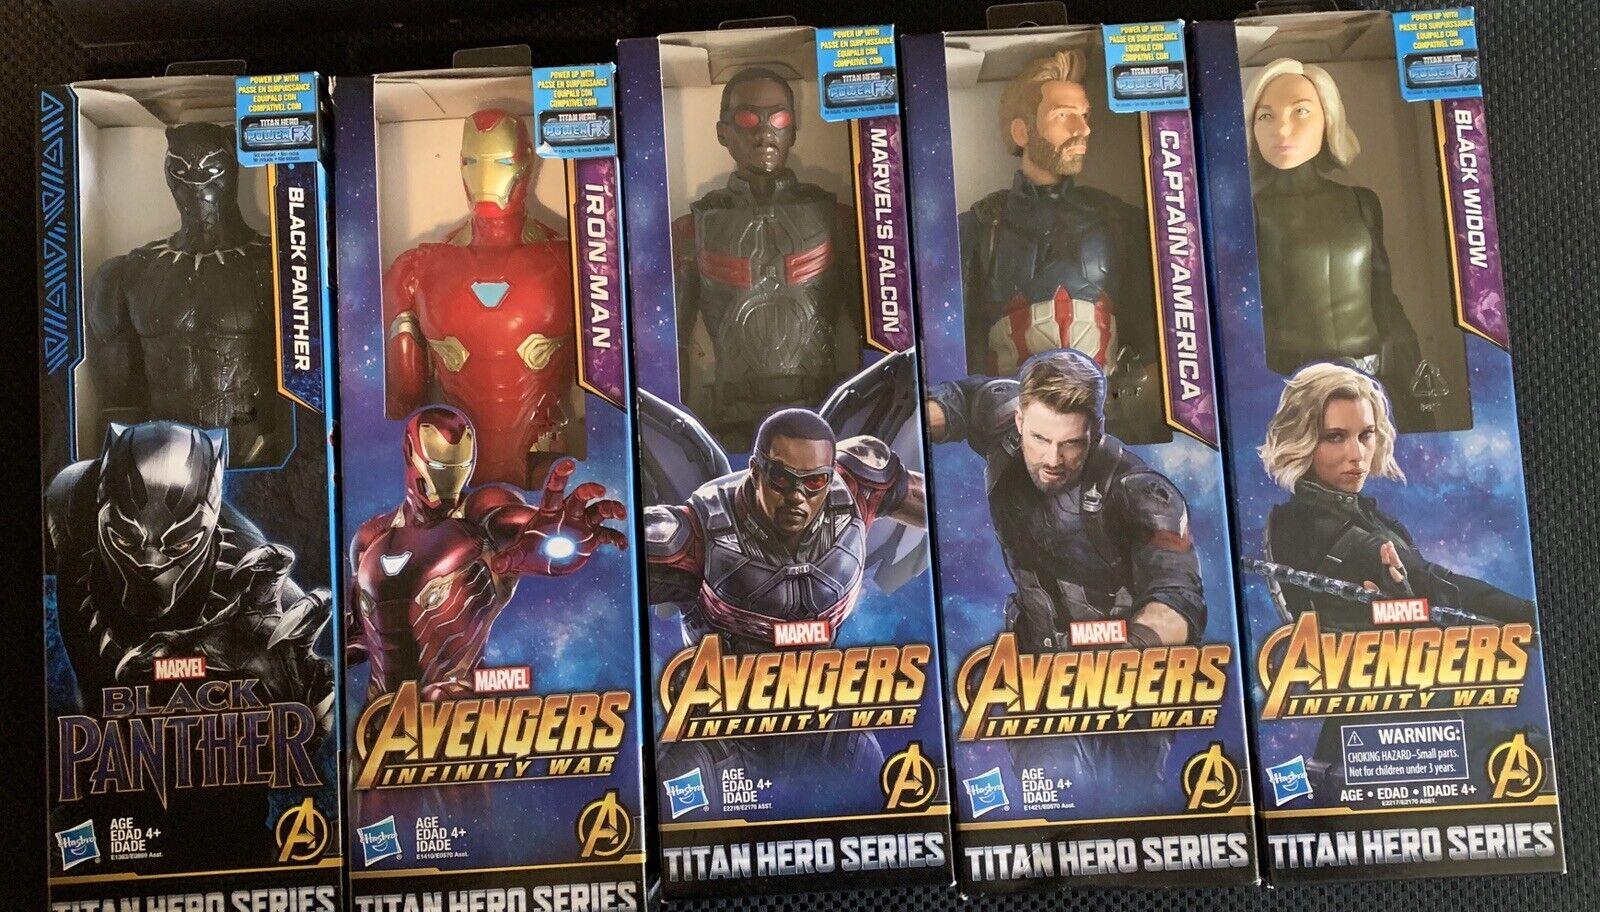 2018 Marvel Avengers Infinity War Titan Hero Series 12  Action Figures Set of 5